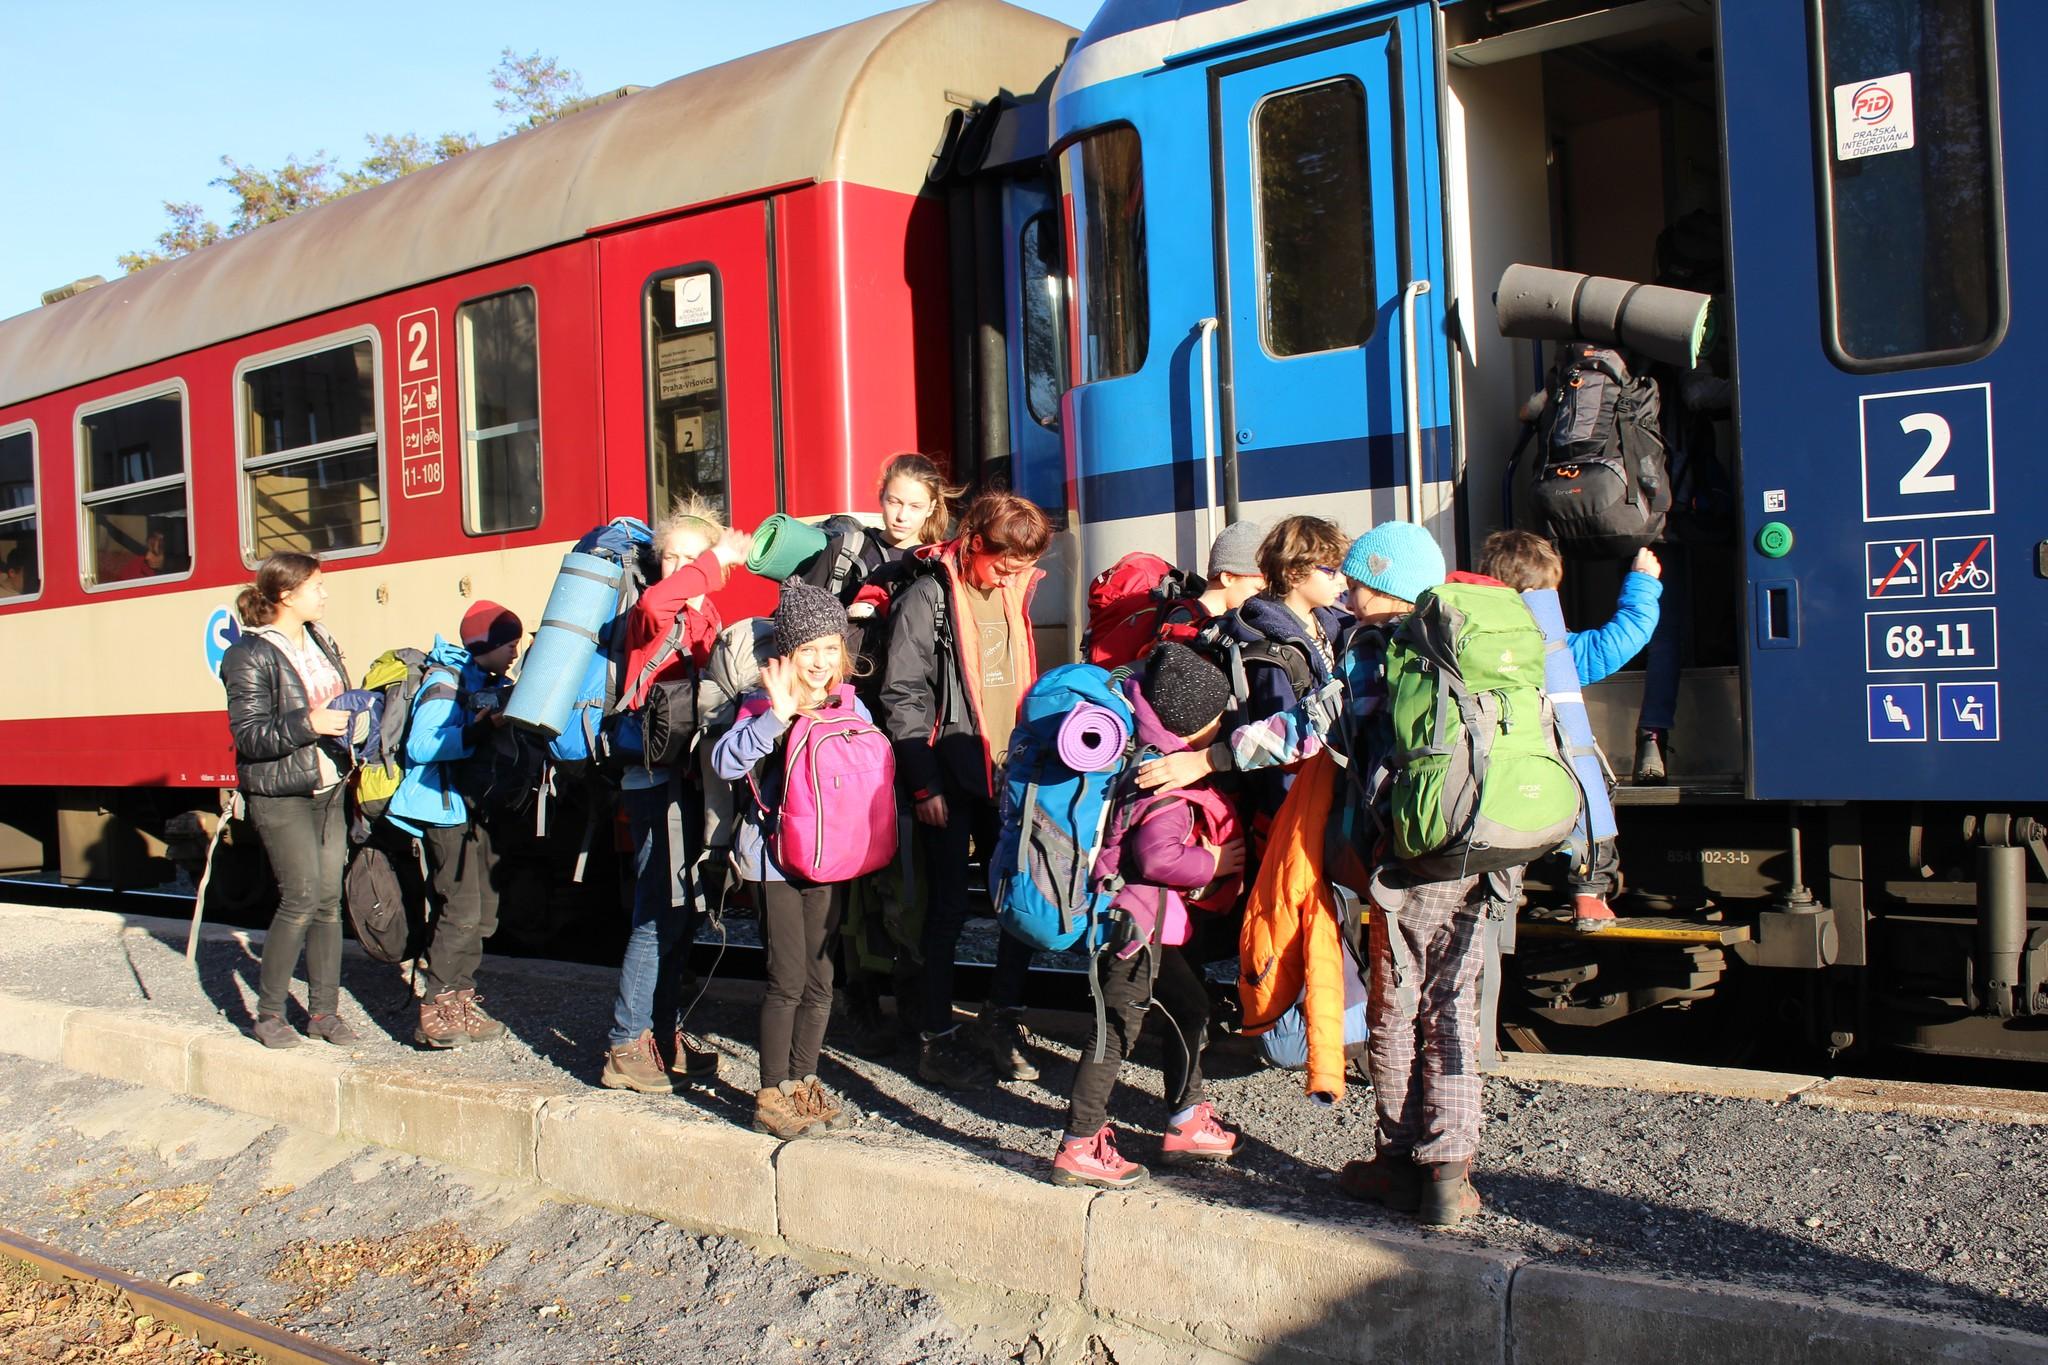 Nastupování do vlaku